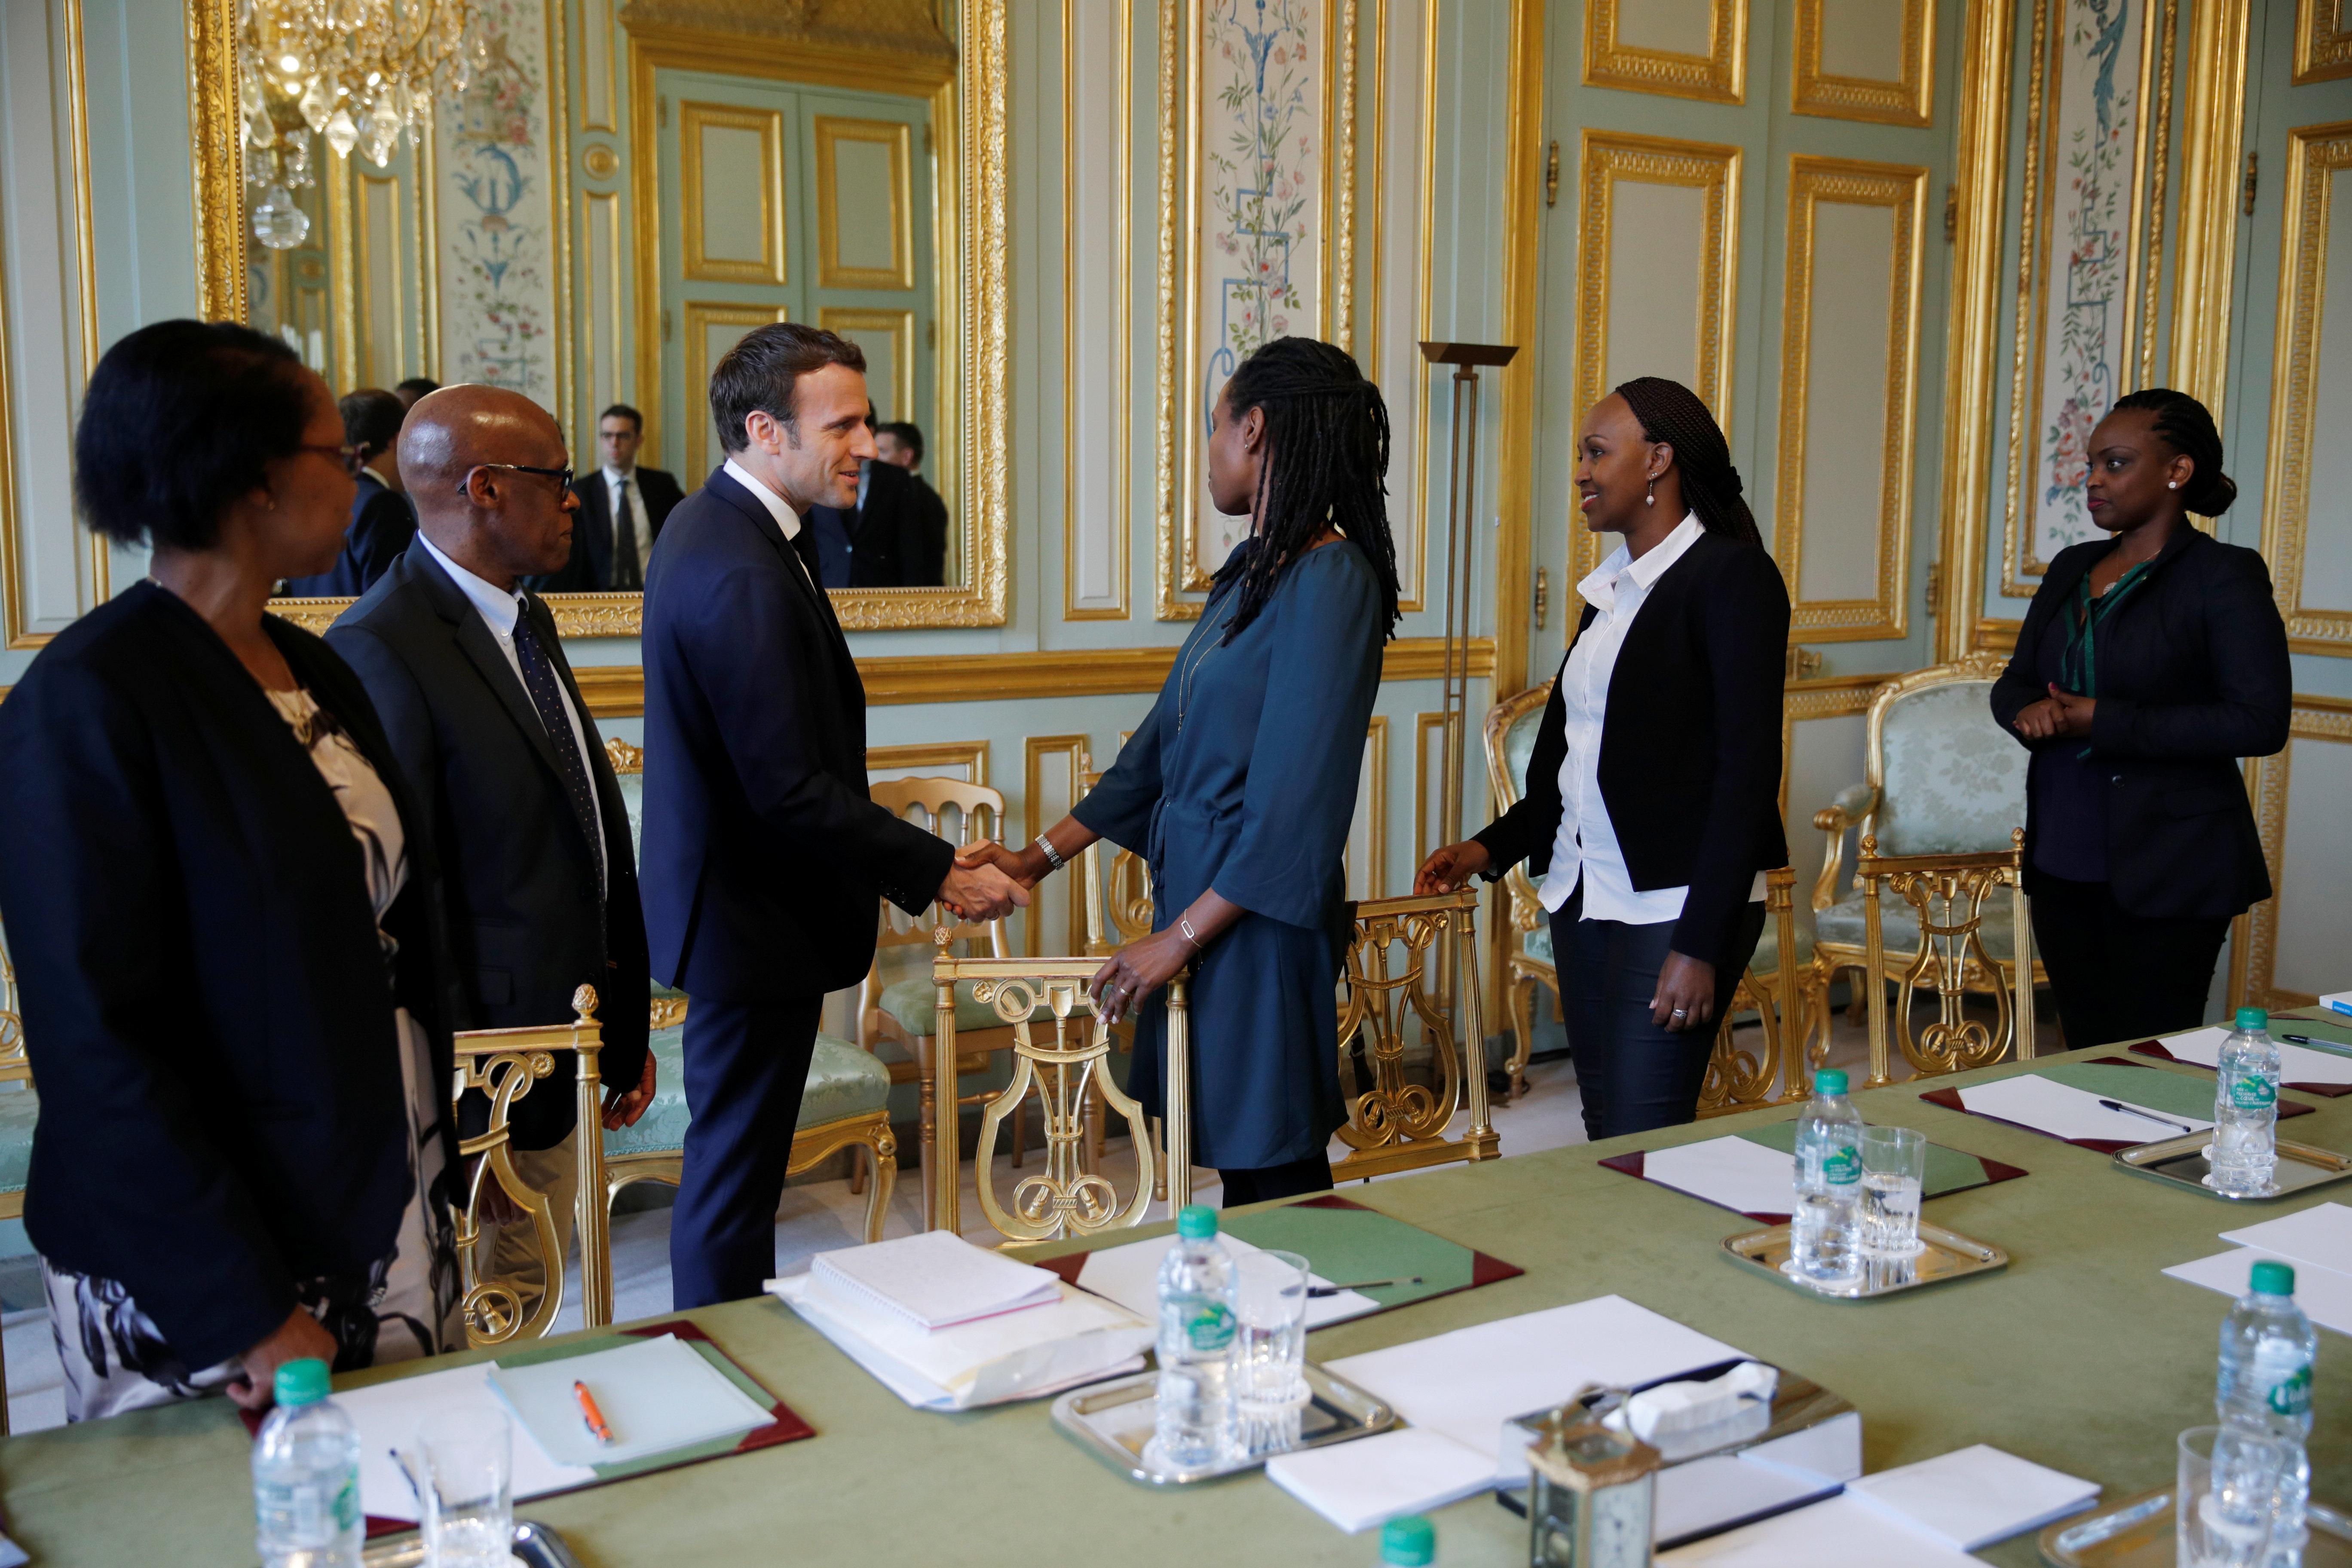 Macron ouvre les archives du génocide rwandais aux historiens pour établir le rôle de la